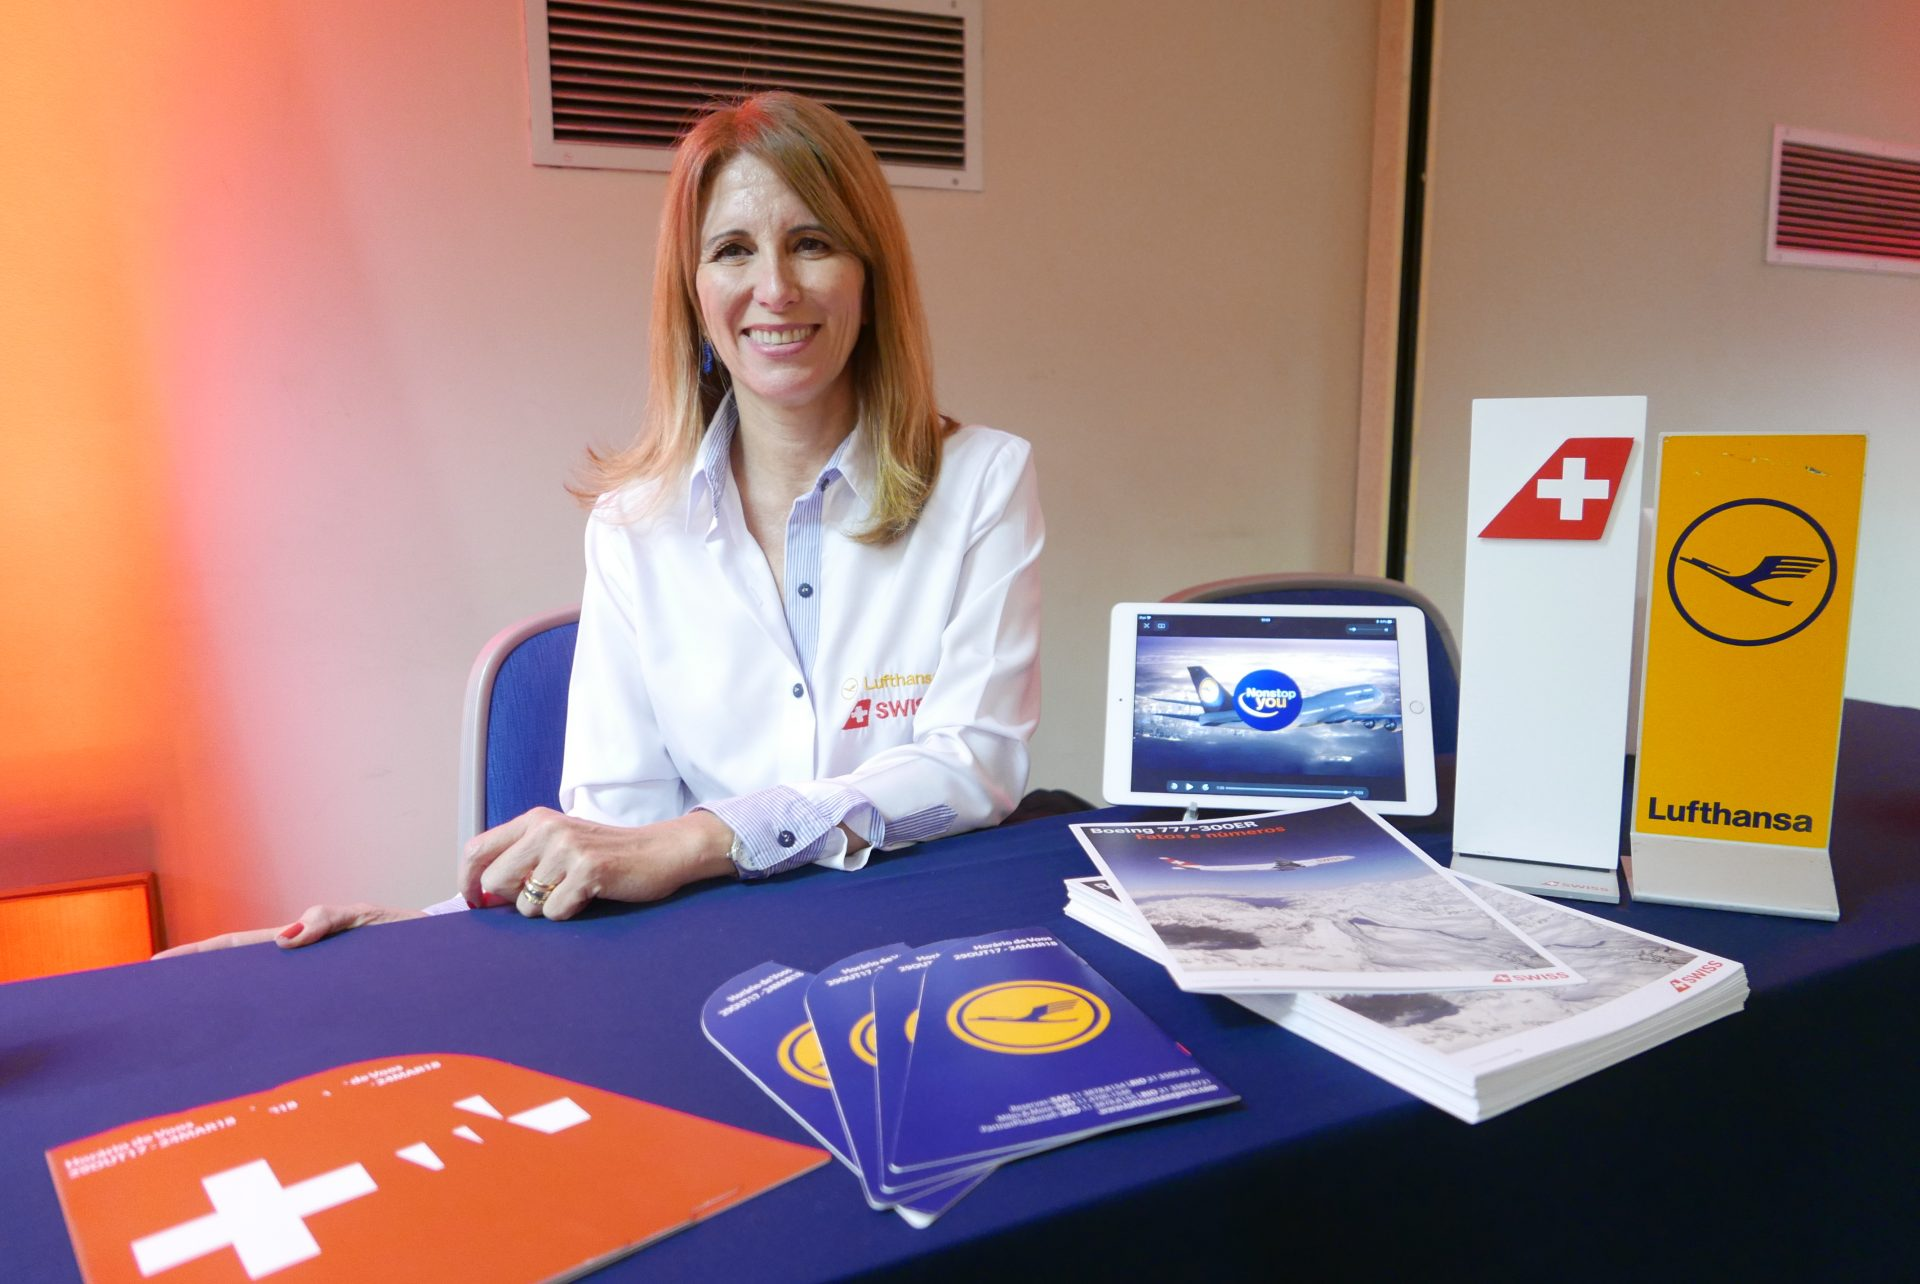 Cristina Rache, executiva de contas do Lufthansa Group